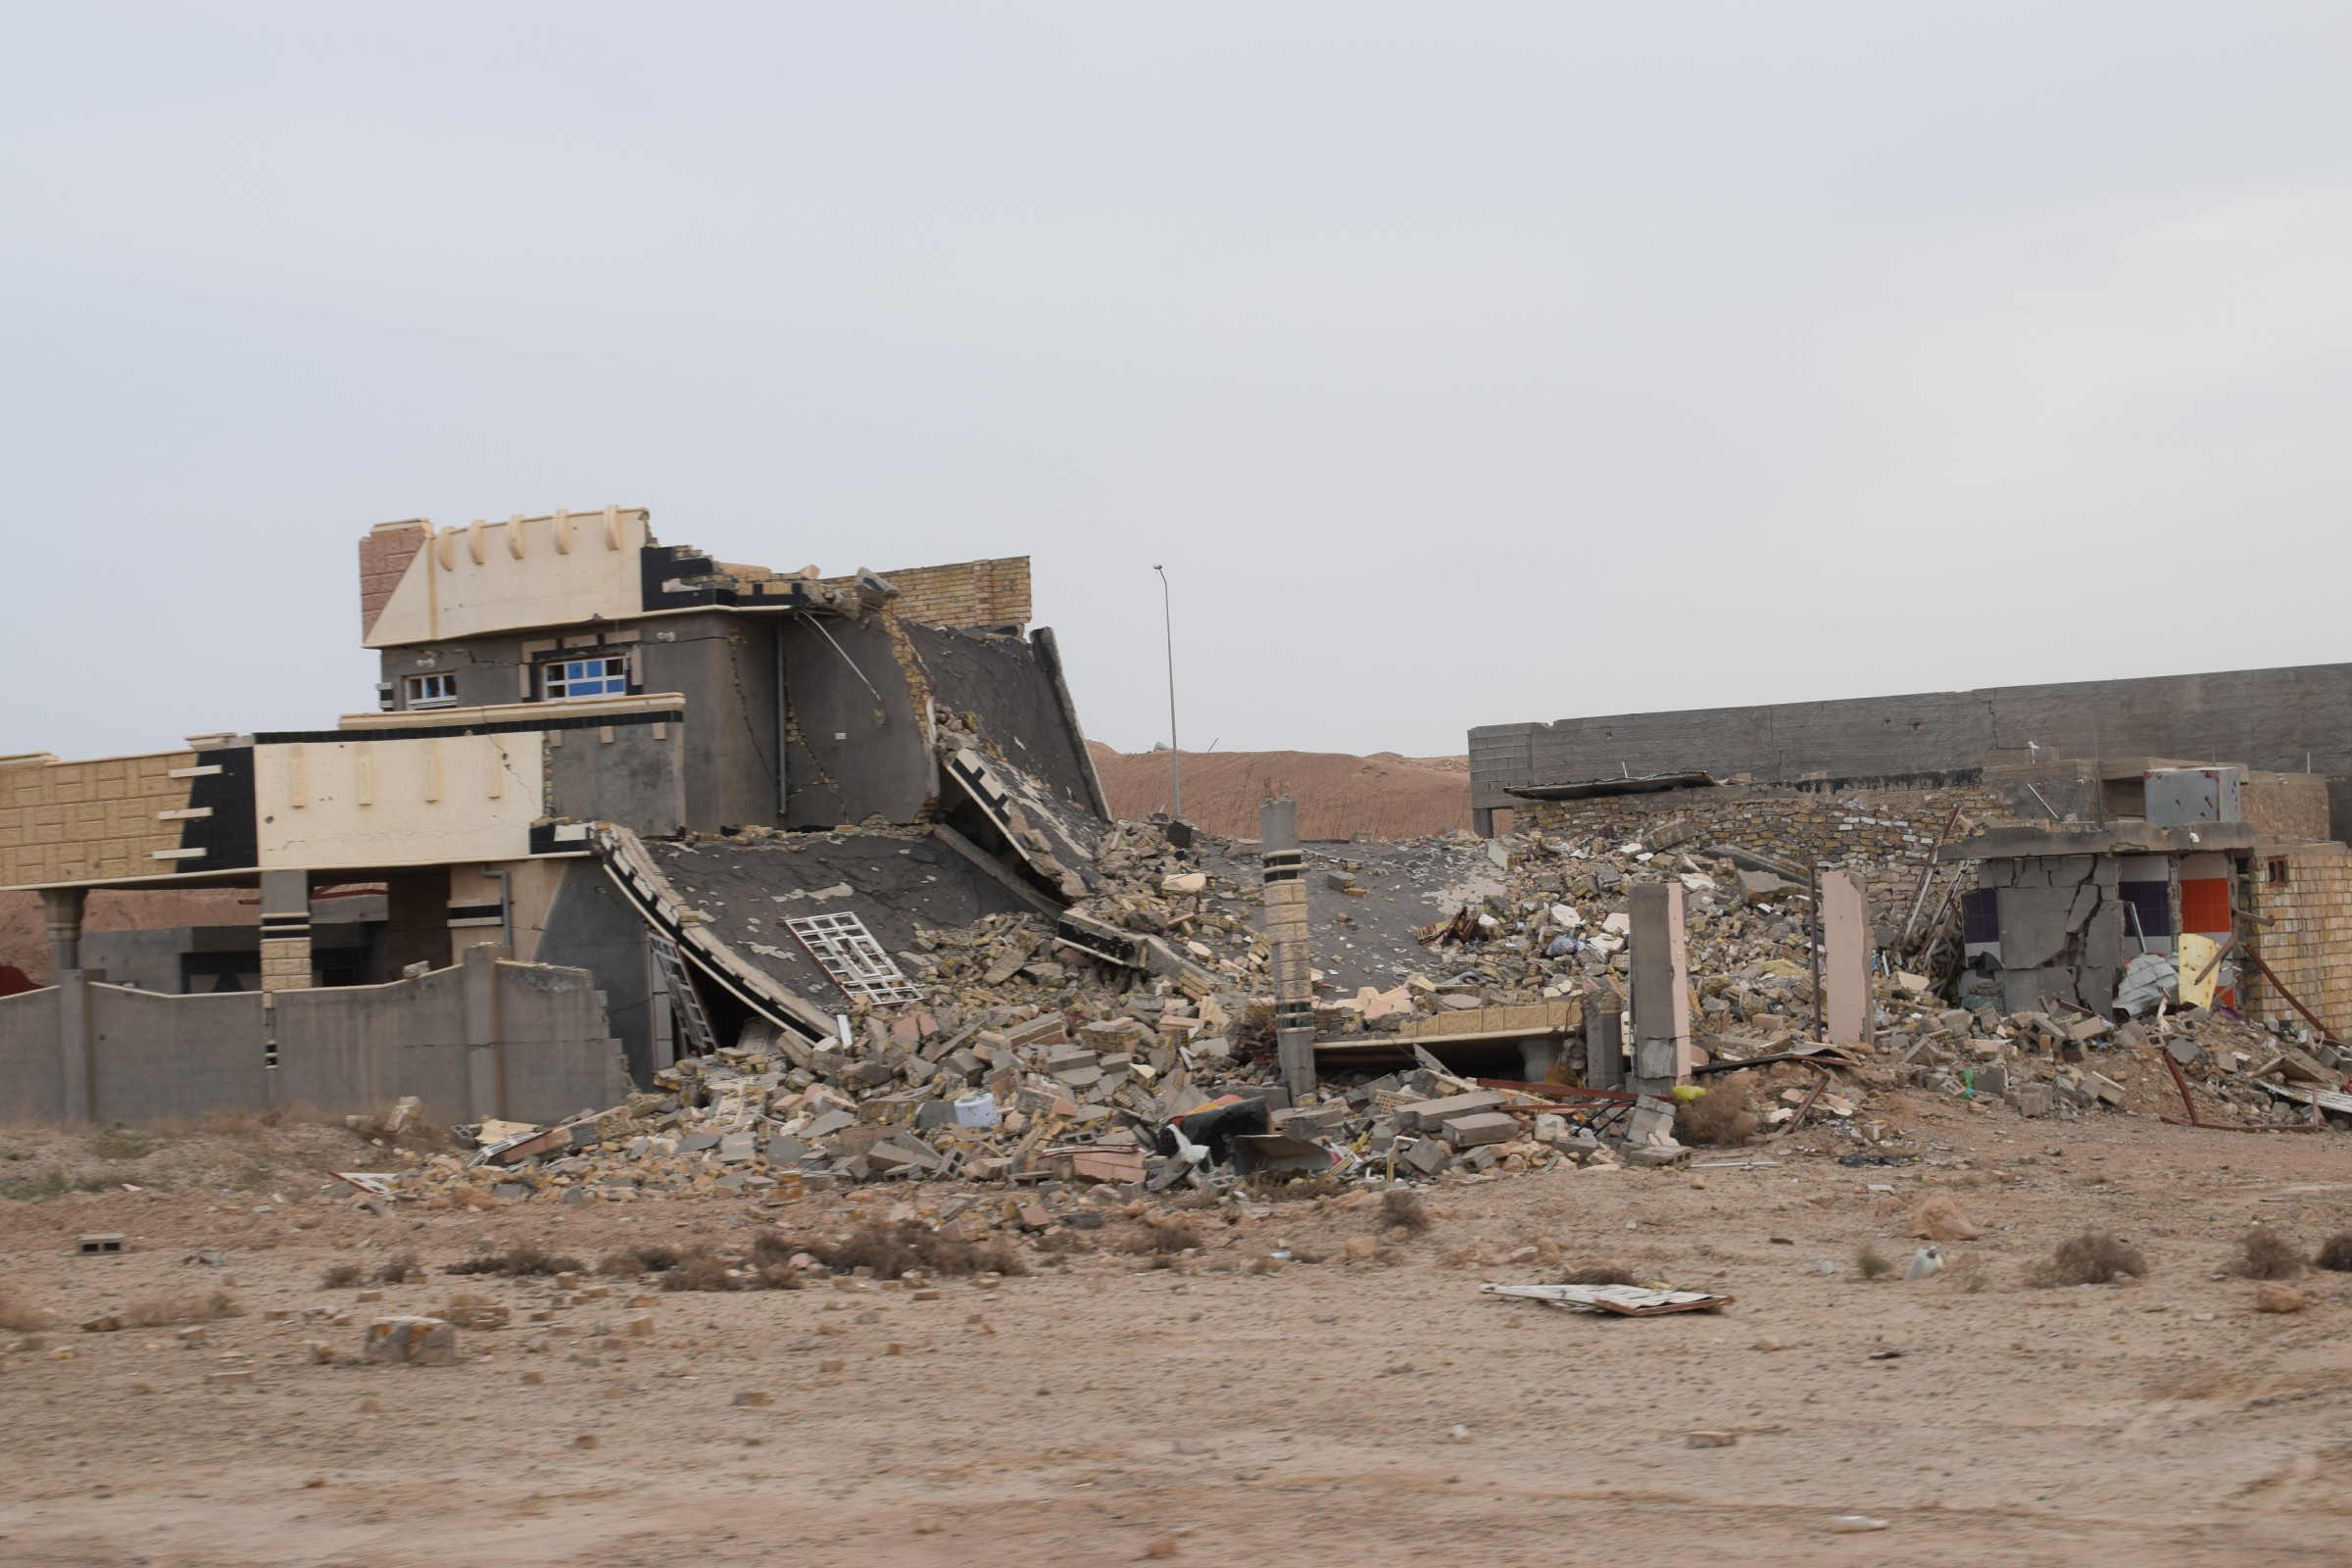 أهالي النعيمية: مخلفات داعش قتلت واصابة 18 شخصا